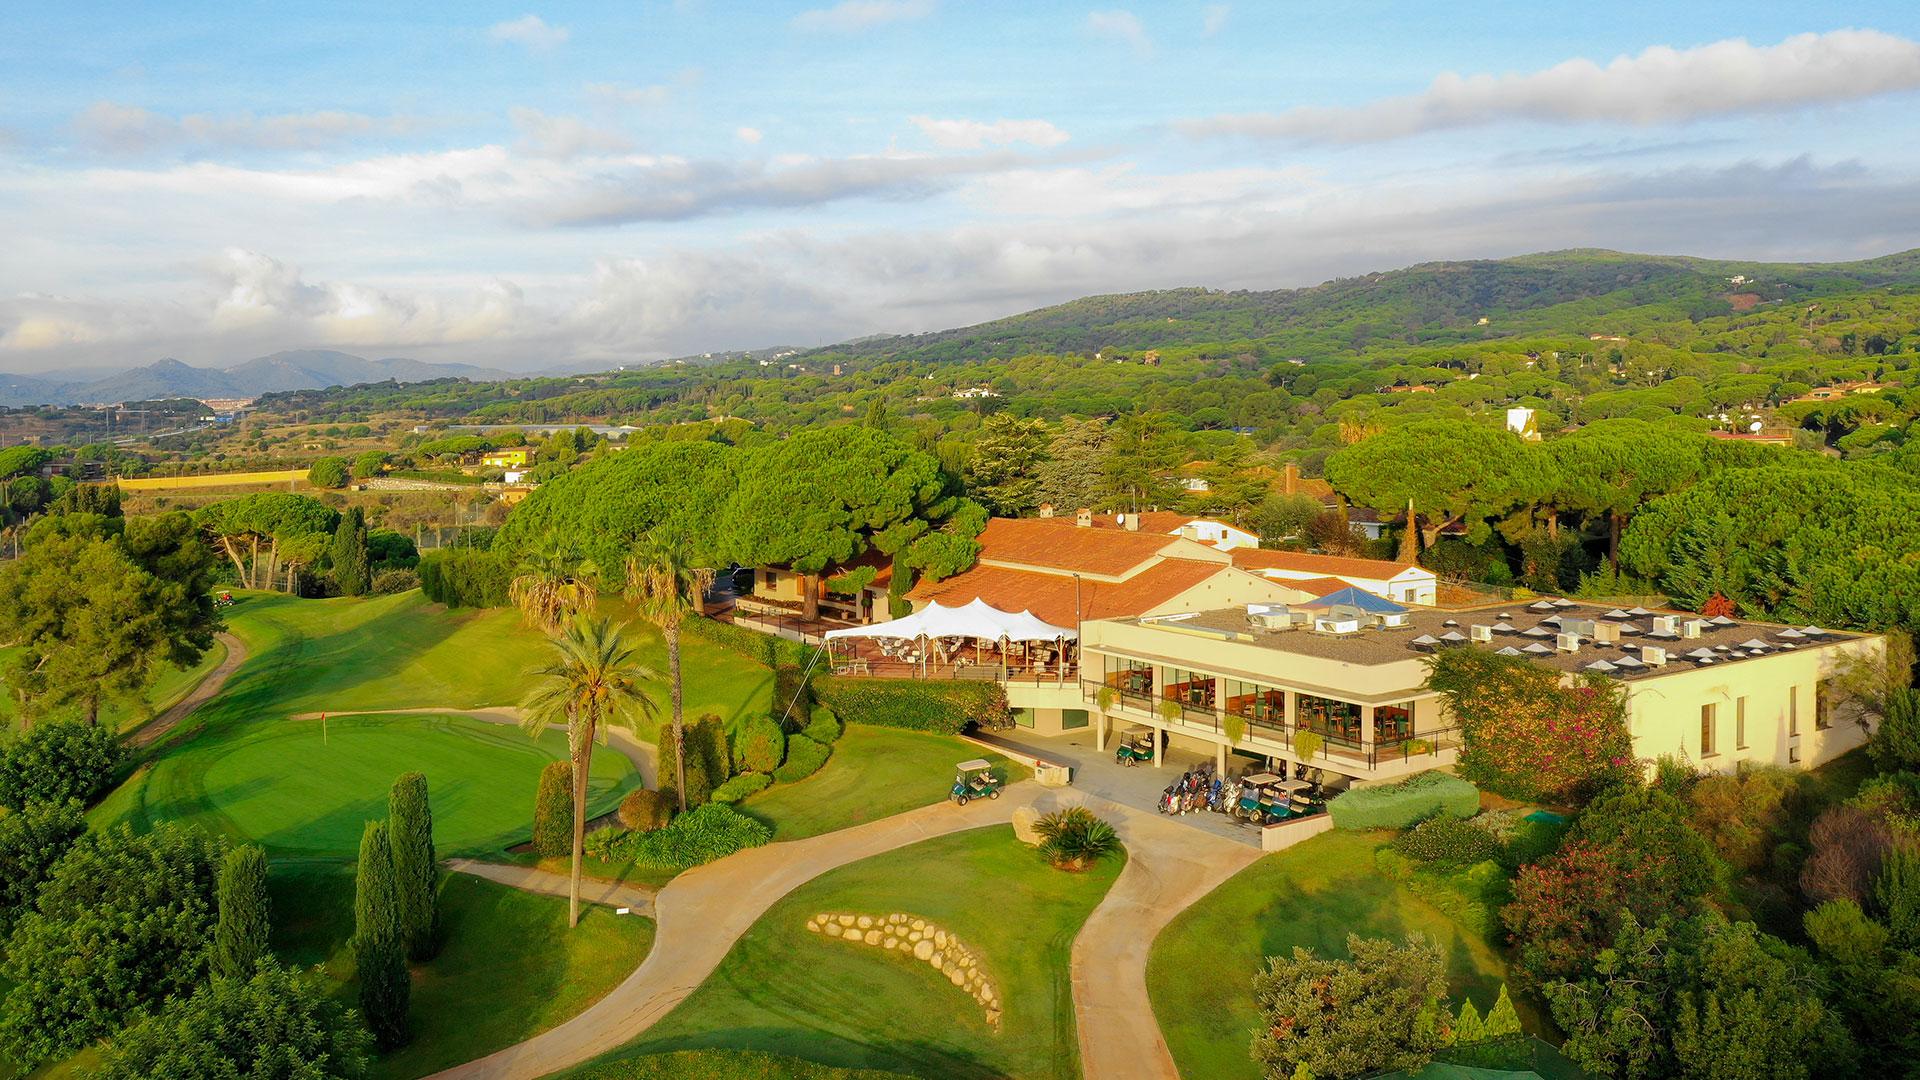 club de golf llavaneras visrtas al campo y casa club con buggies